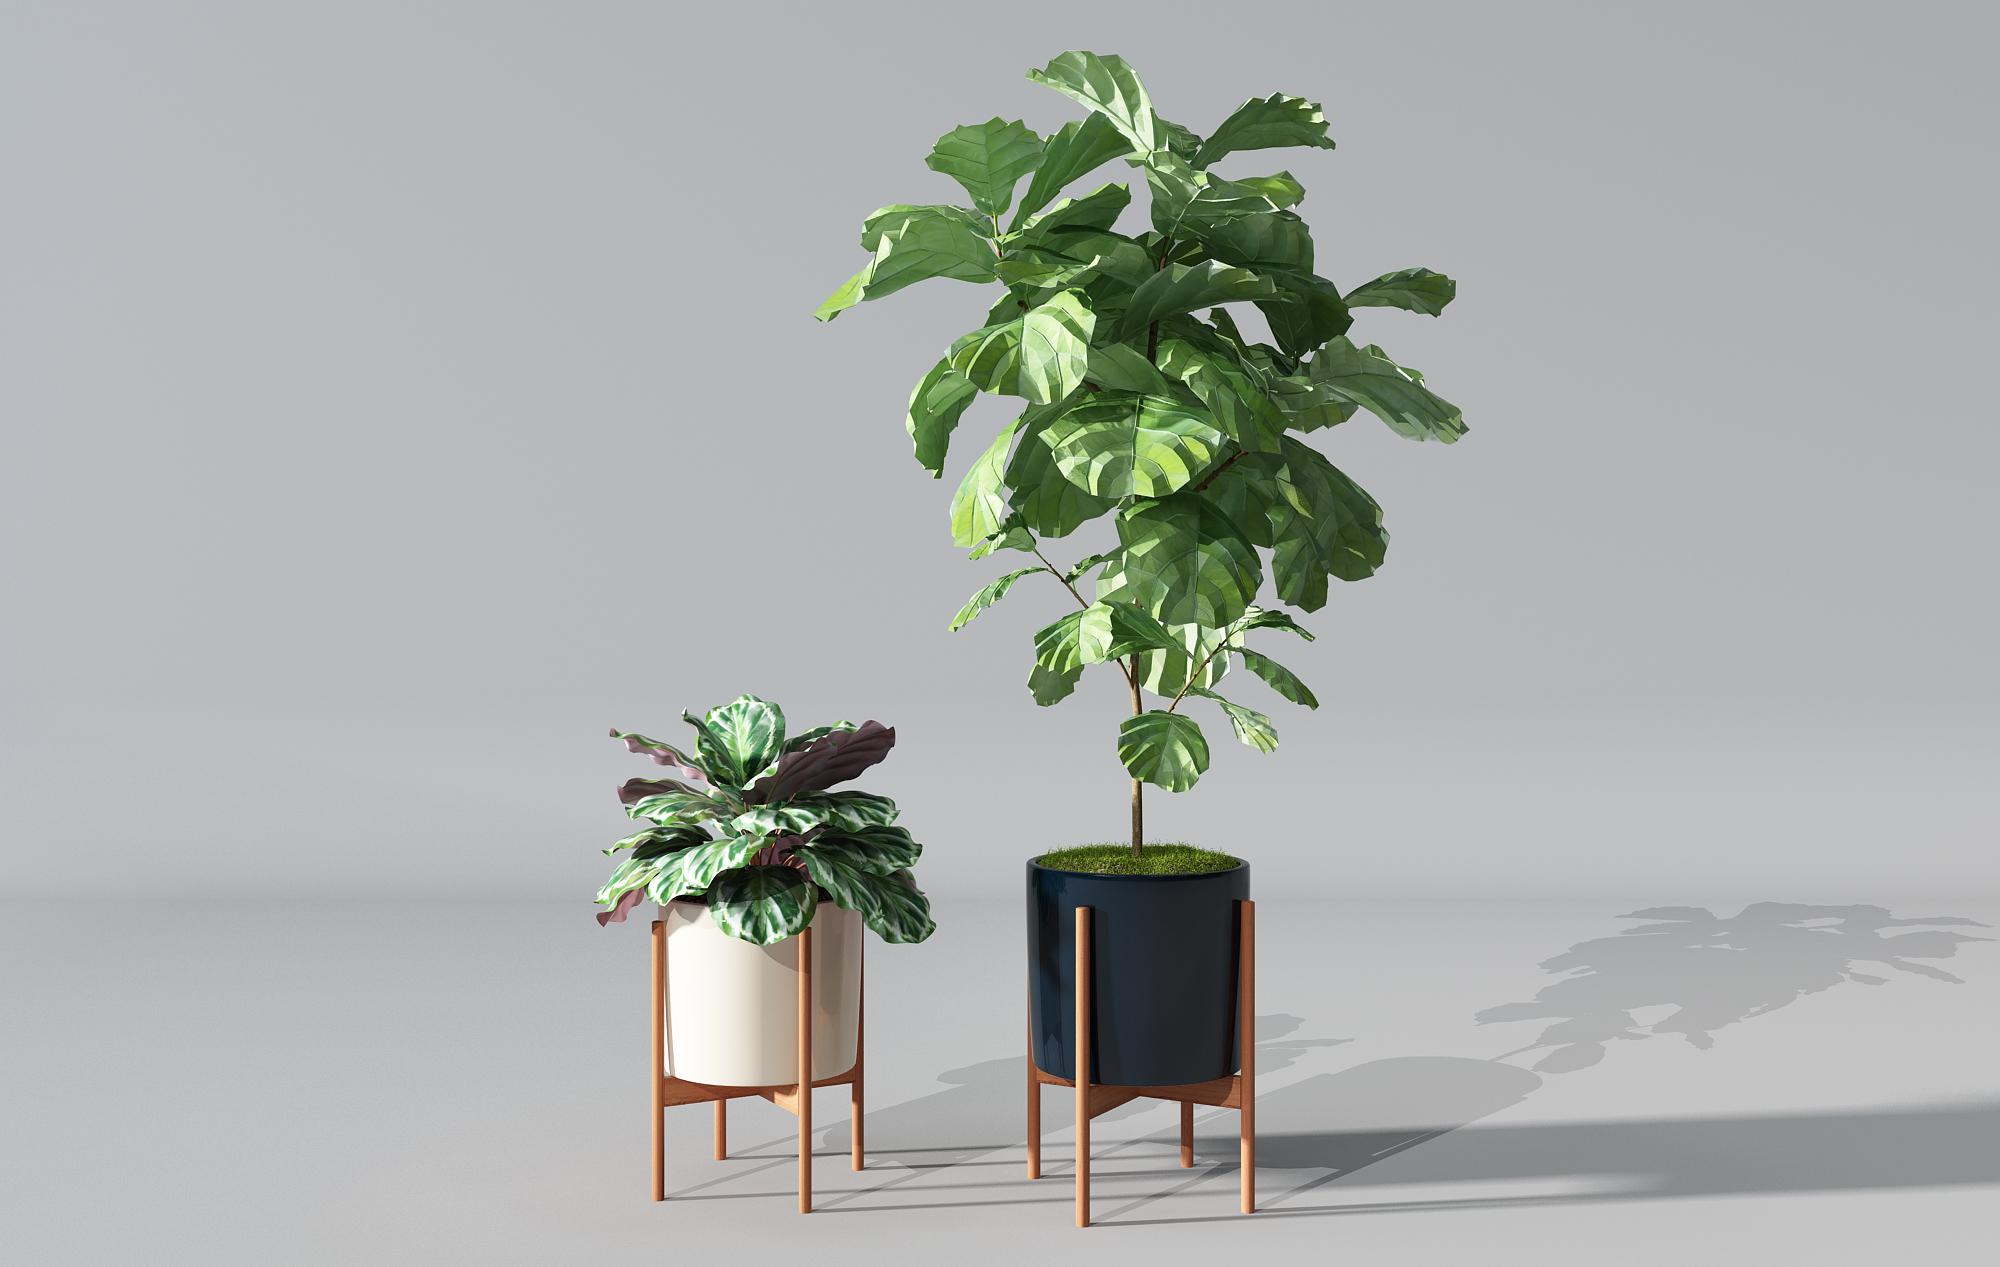 CG模型_ 植物盆景绿植_3D模型免费下载